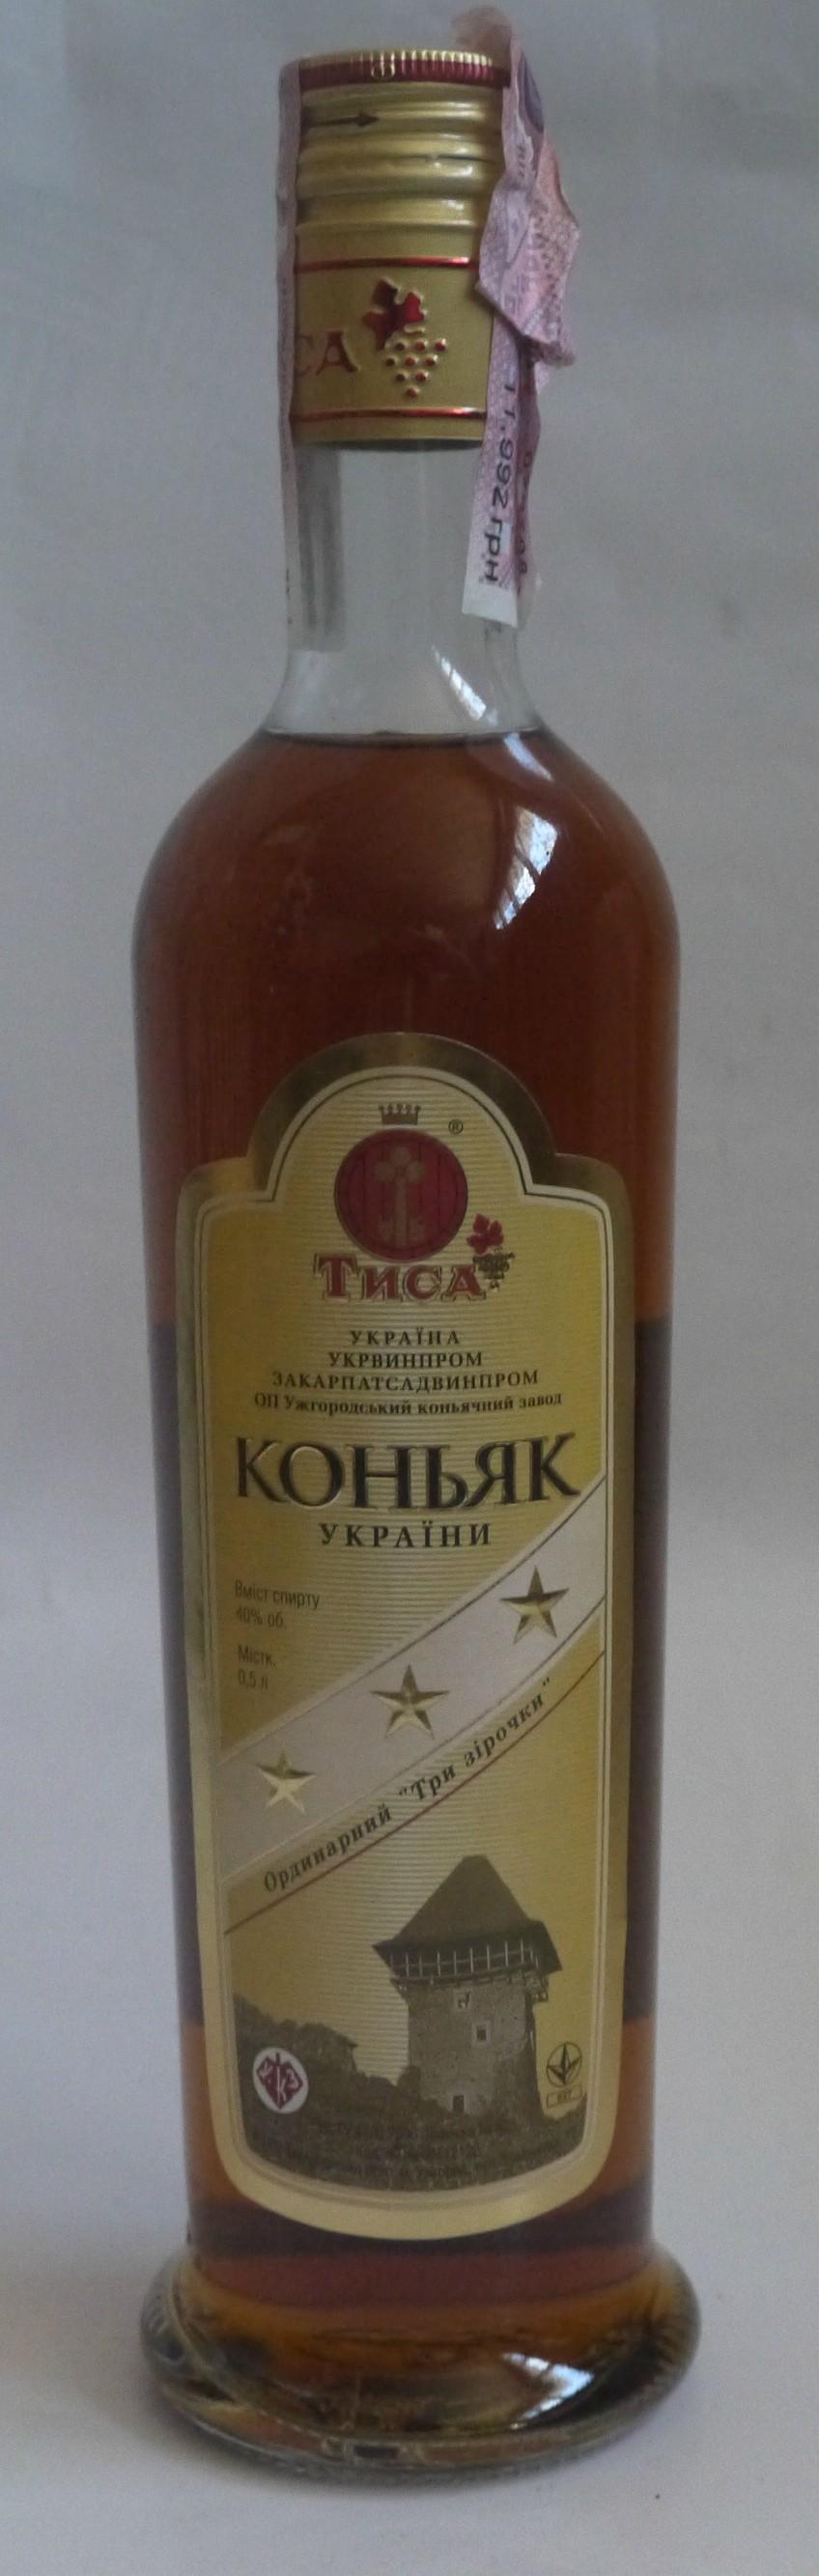 Коньяк Ужгород Купить